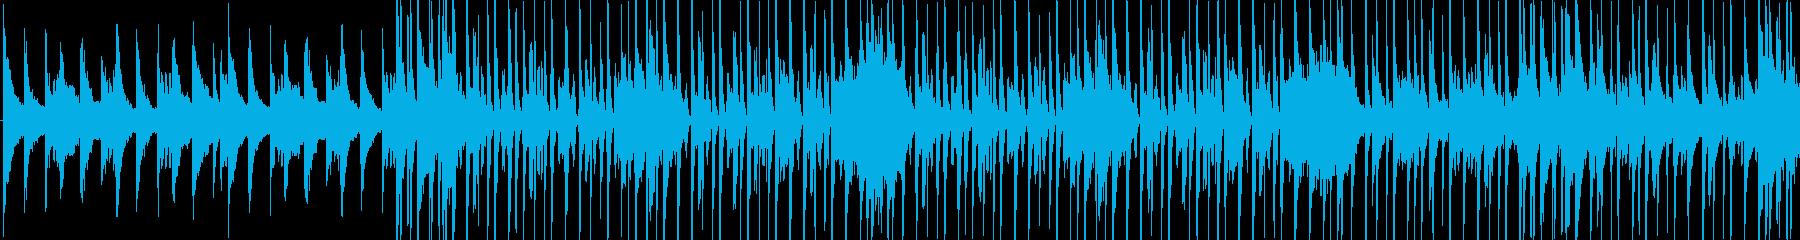 ピアノ+ドラムのポップなBGMの再生済みの波形